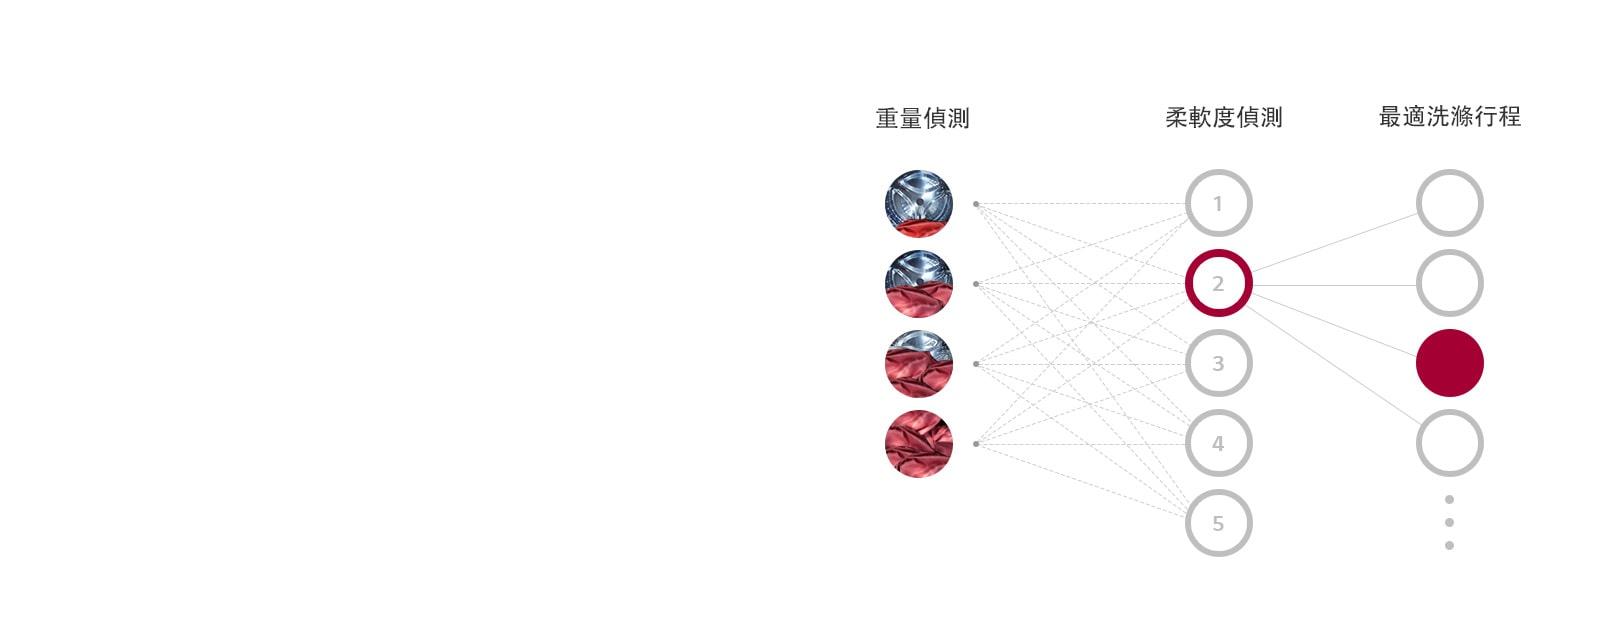 該三列分別表示重量偵測、柔軟度偵測、最適洗衣行程,並各自展示偵測等級。此圖顯示AI DD自動選擇最適洗衣行程的流程。